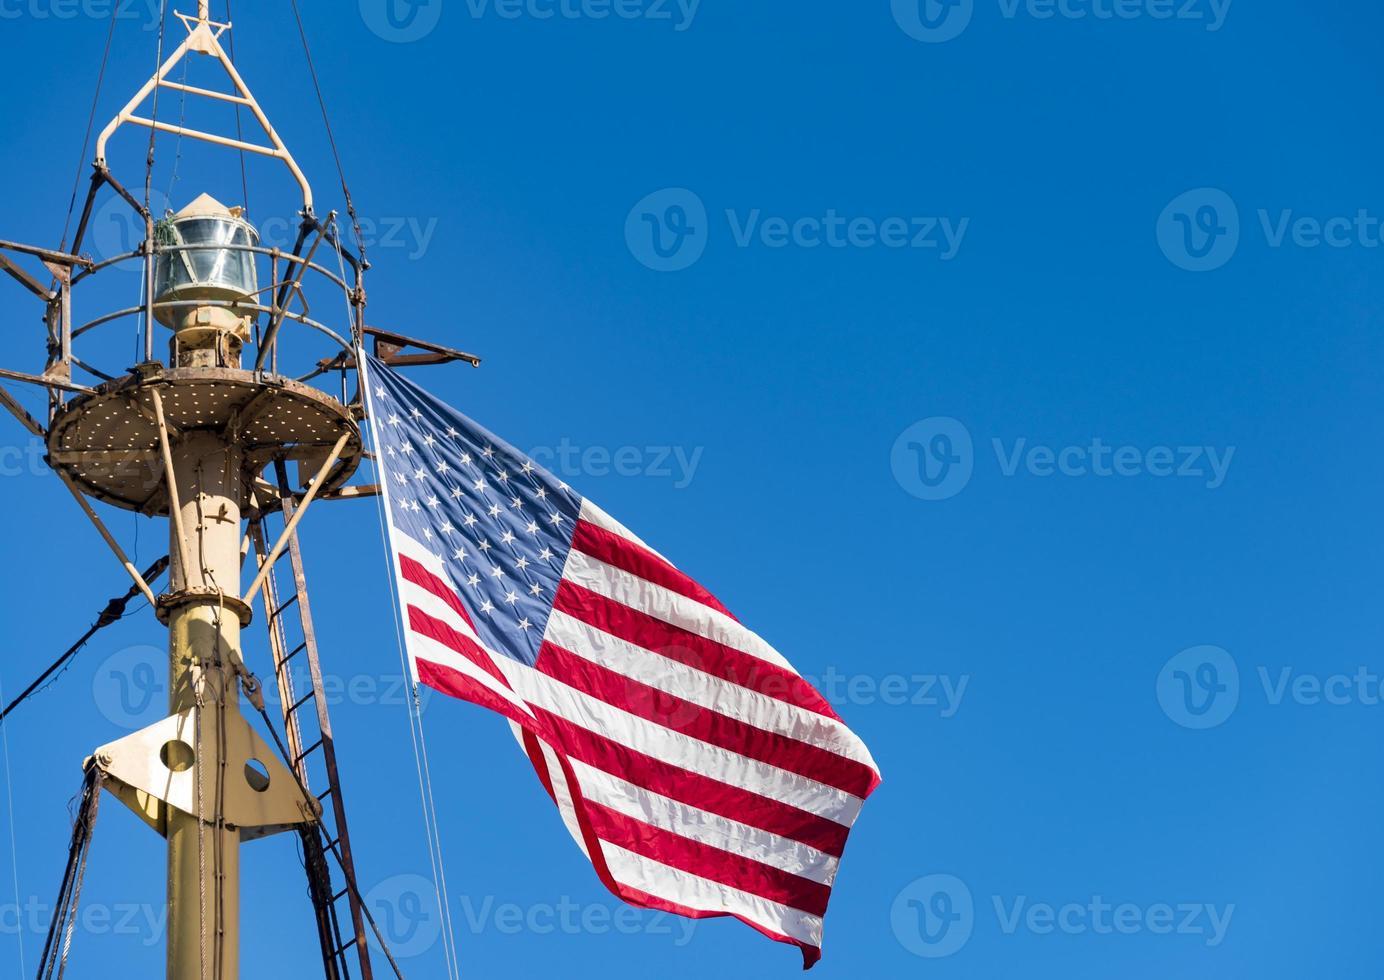 bandiera degli stati uniti d'america nell'albero della nave foto